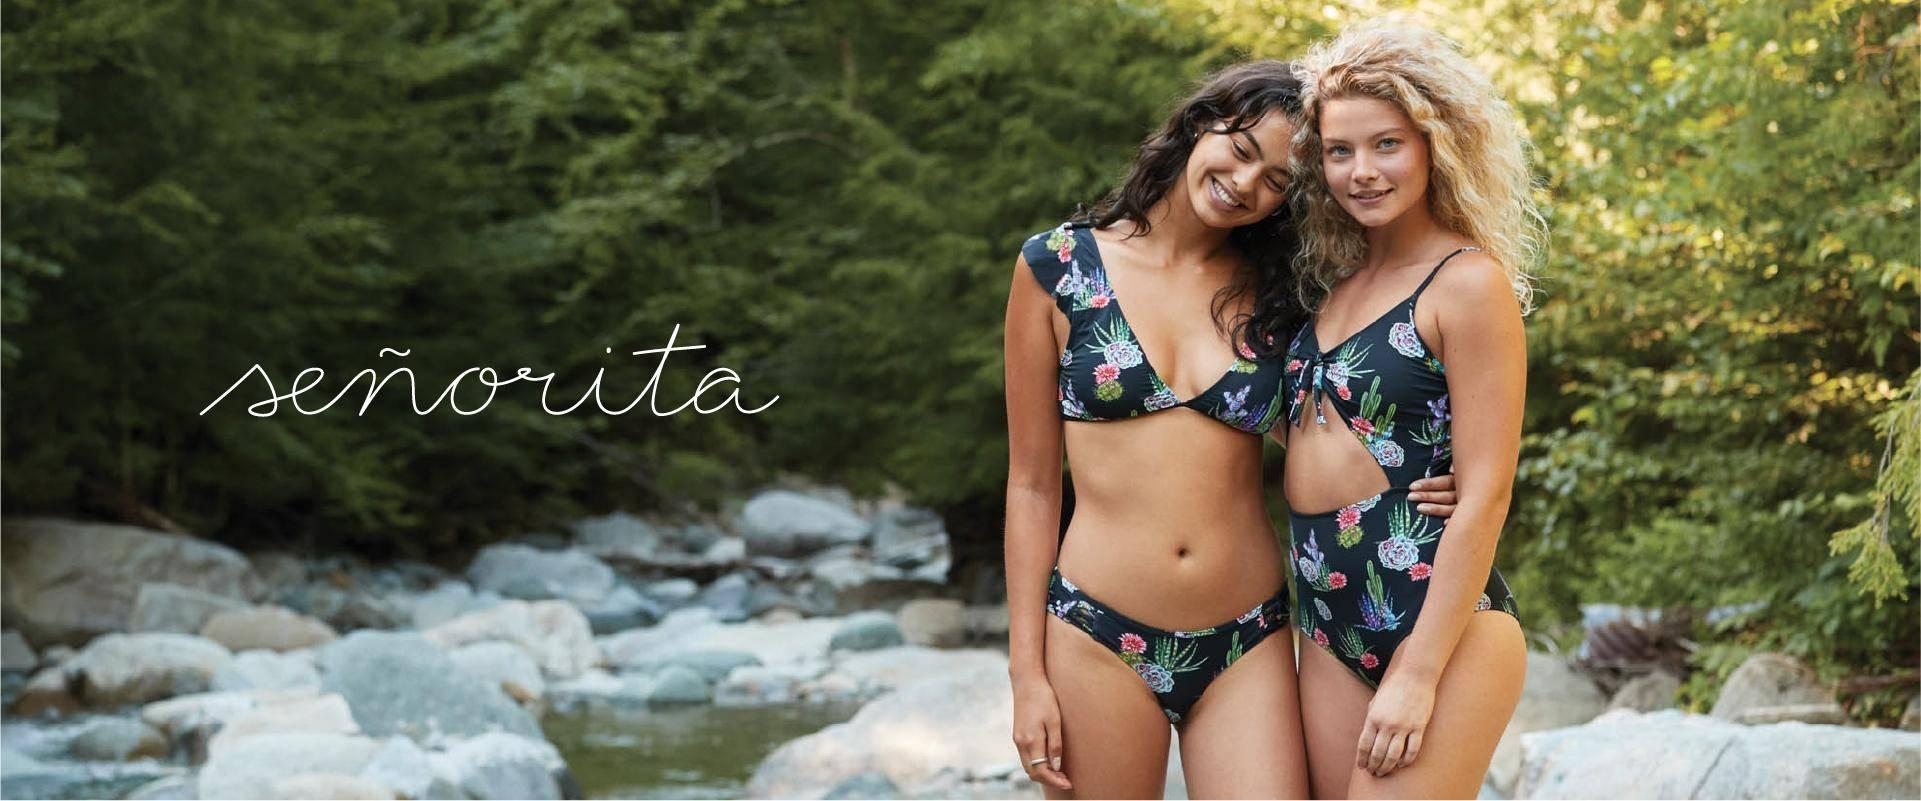 Shop Eidon's Señorita collection!